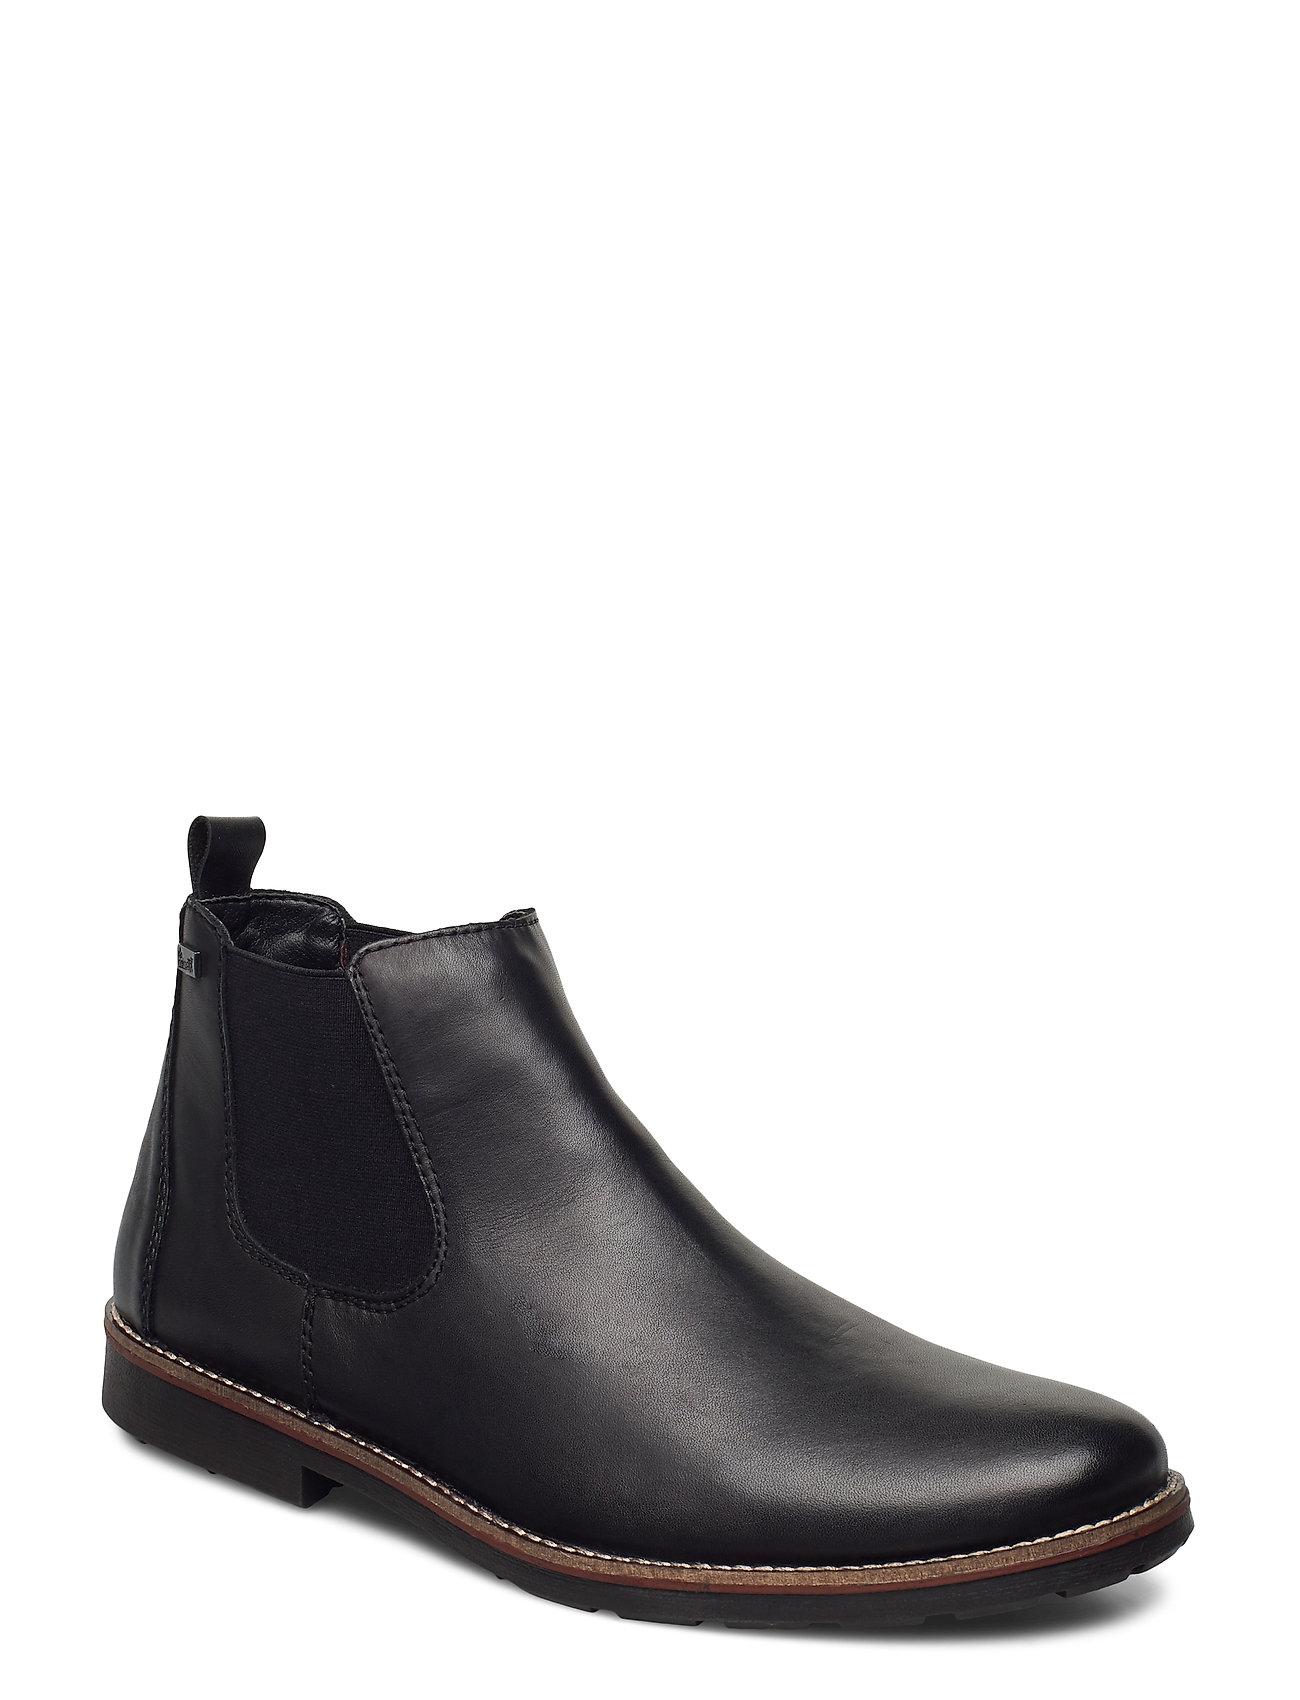 35382-00 Støvlet Chelsea Boot Sort Rieker